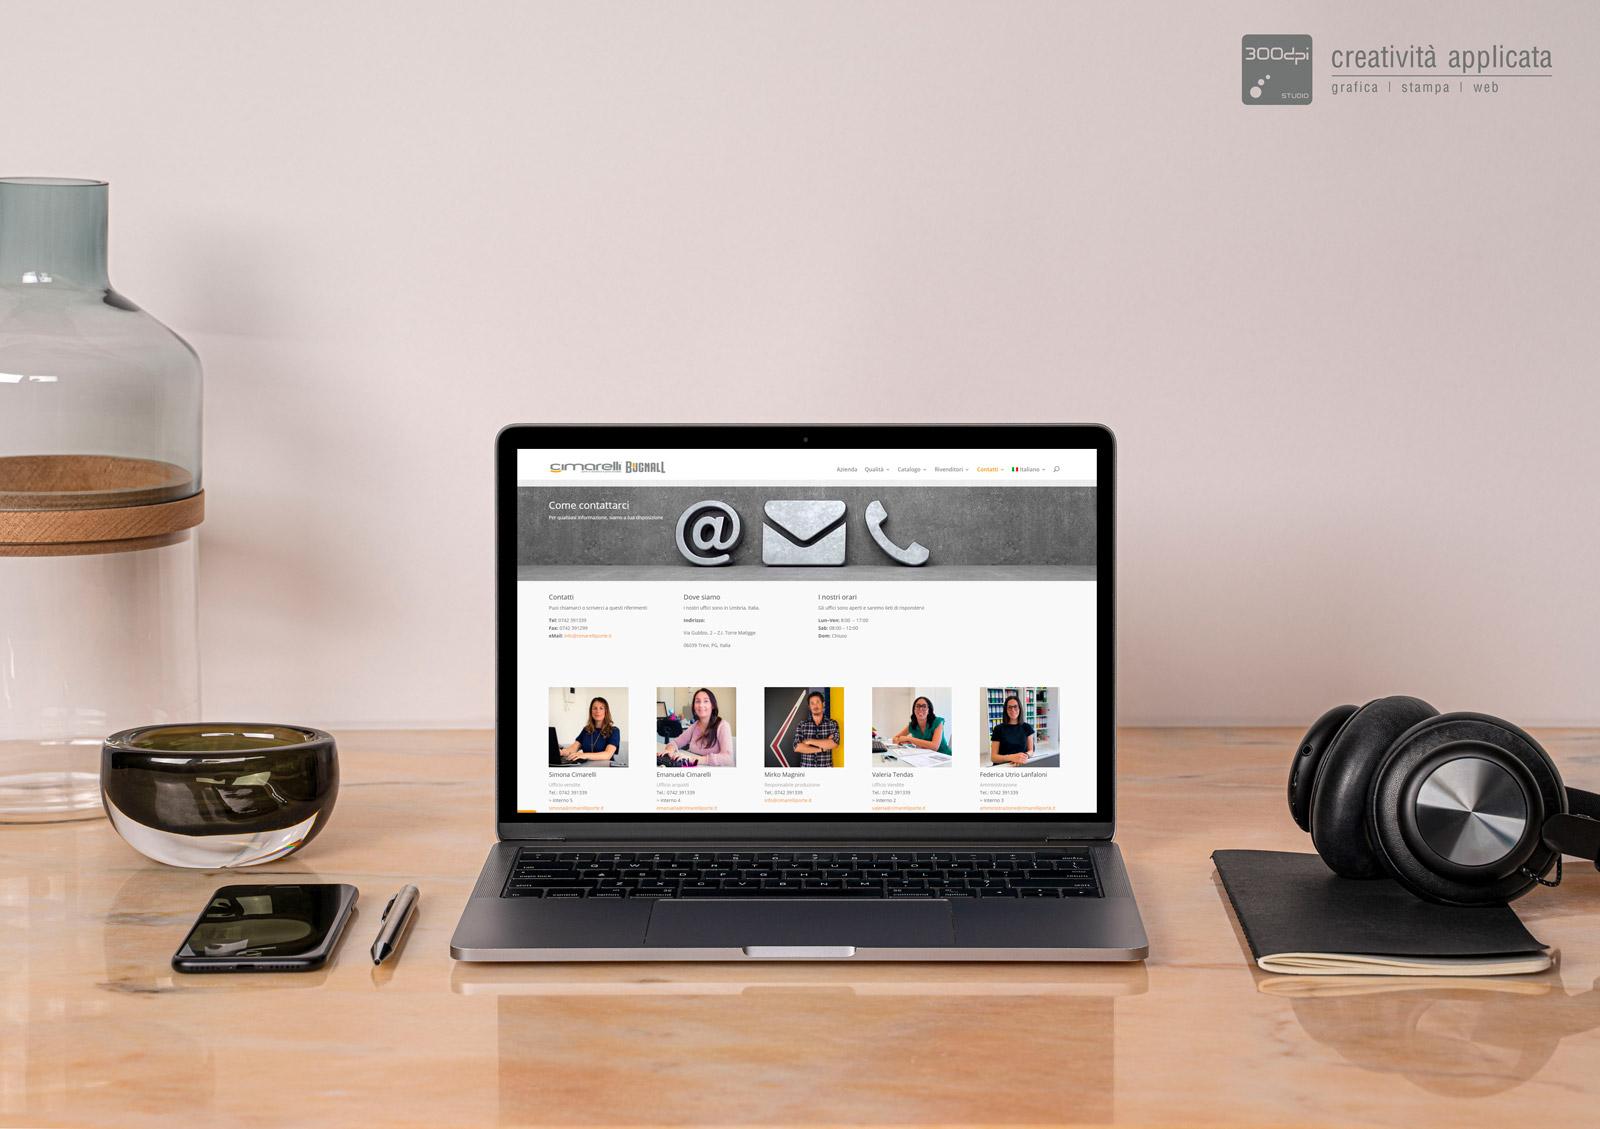 300dpi STUDIO: realizzazione siti internet professionali